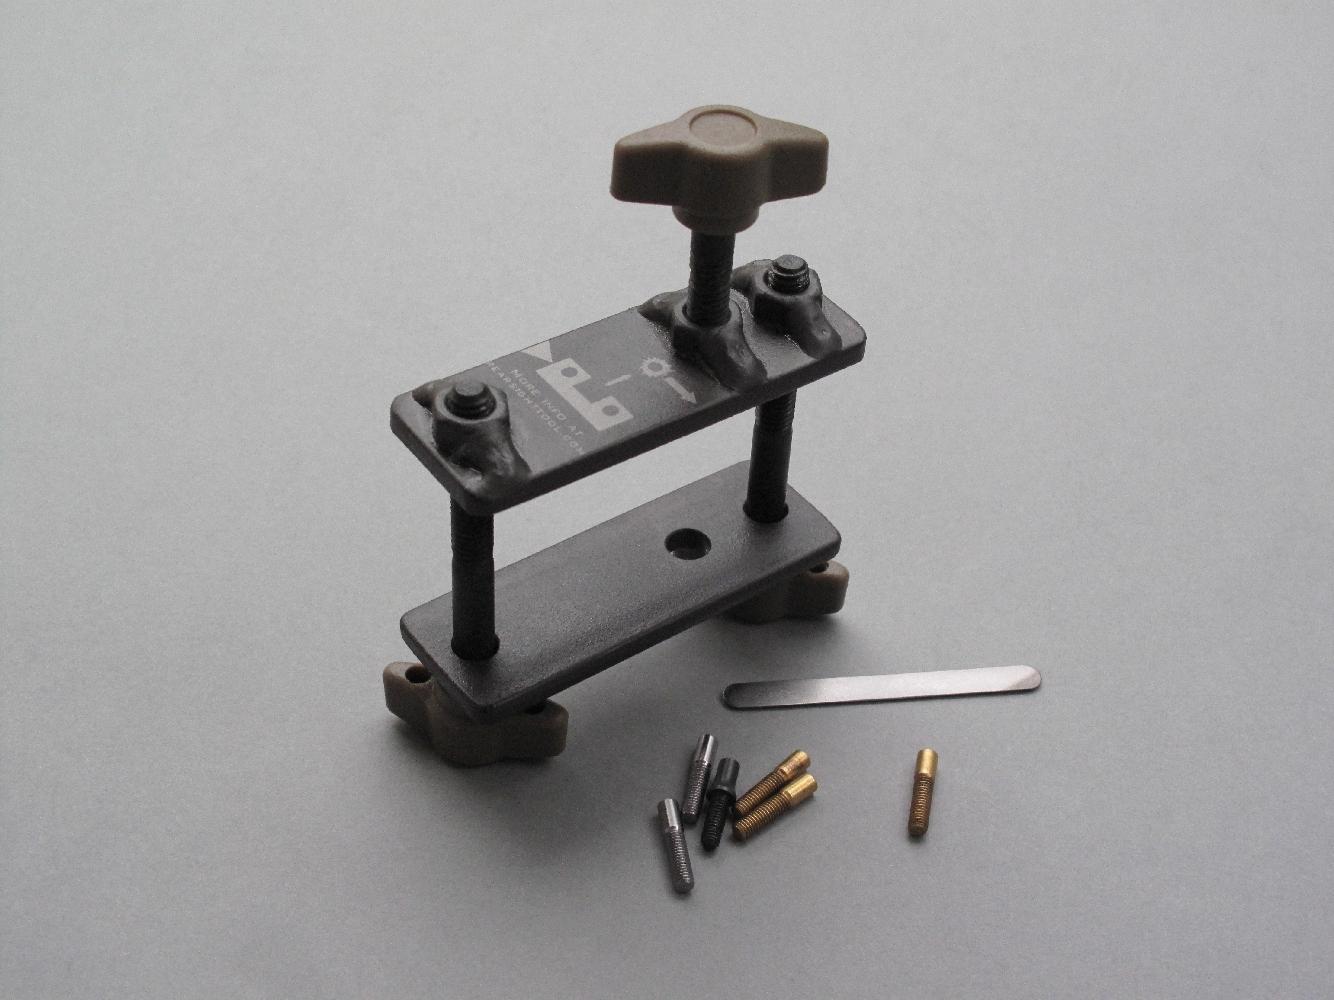 L'outil RST est livré avec 6 poussoirs interchangeables (4 en laiton, 2 en fer, 1 en acier) et une réglette en acier permettant de mieux répartir l'effort sur le pied de hausse.